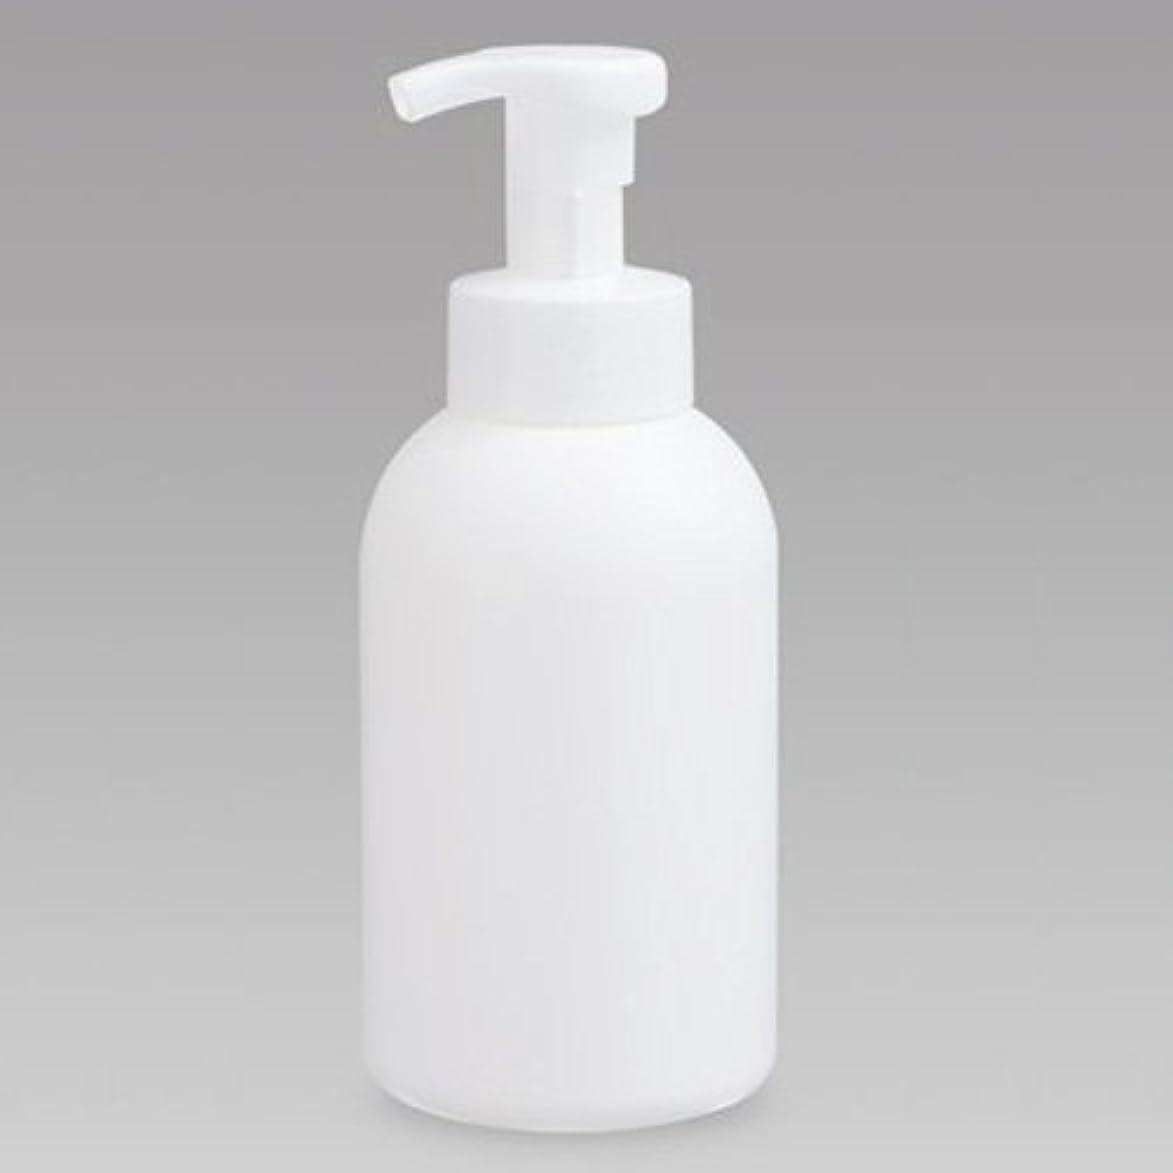 欠如隙間どう?泡ボトル 泡ポンプボトル 500mL(PE) ホワイト 詰め替え 詰替 泡ハンドソープ 全身石鹸 ボディソープ 洗顔フォーム